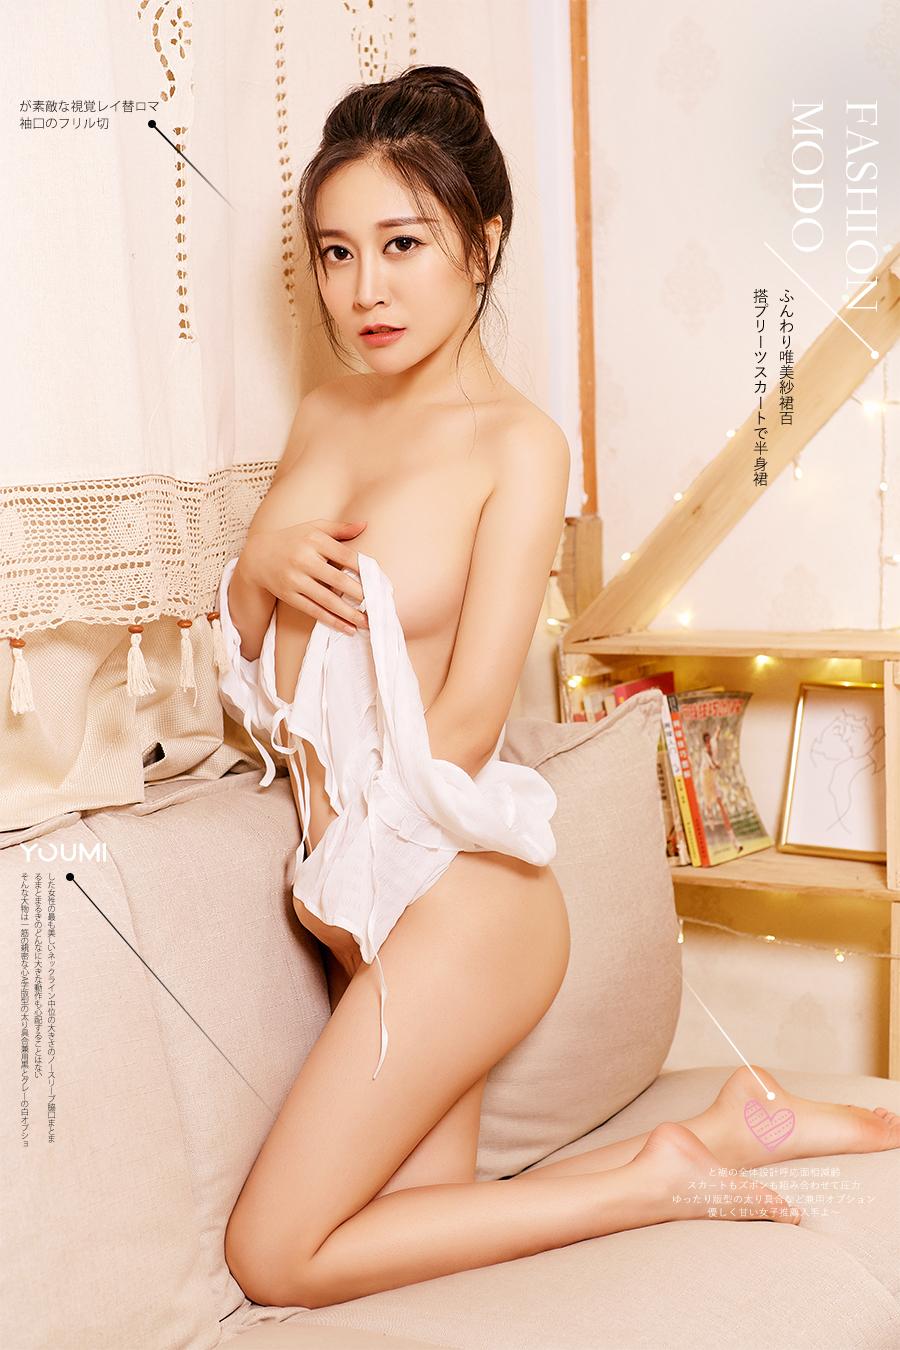 [YouMi尤蜜]2019.11.27 爱你成瘾 张茜茹[/27MB]